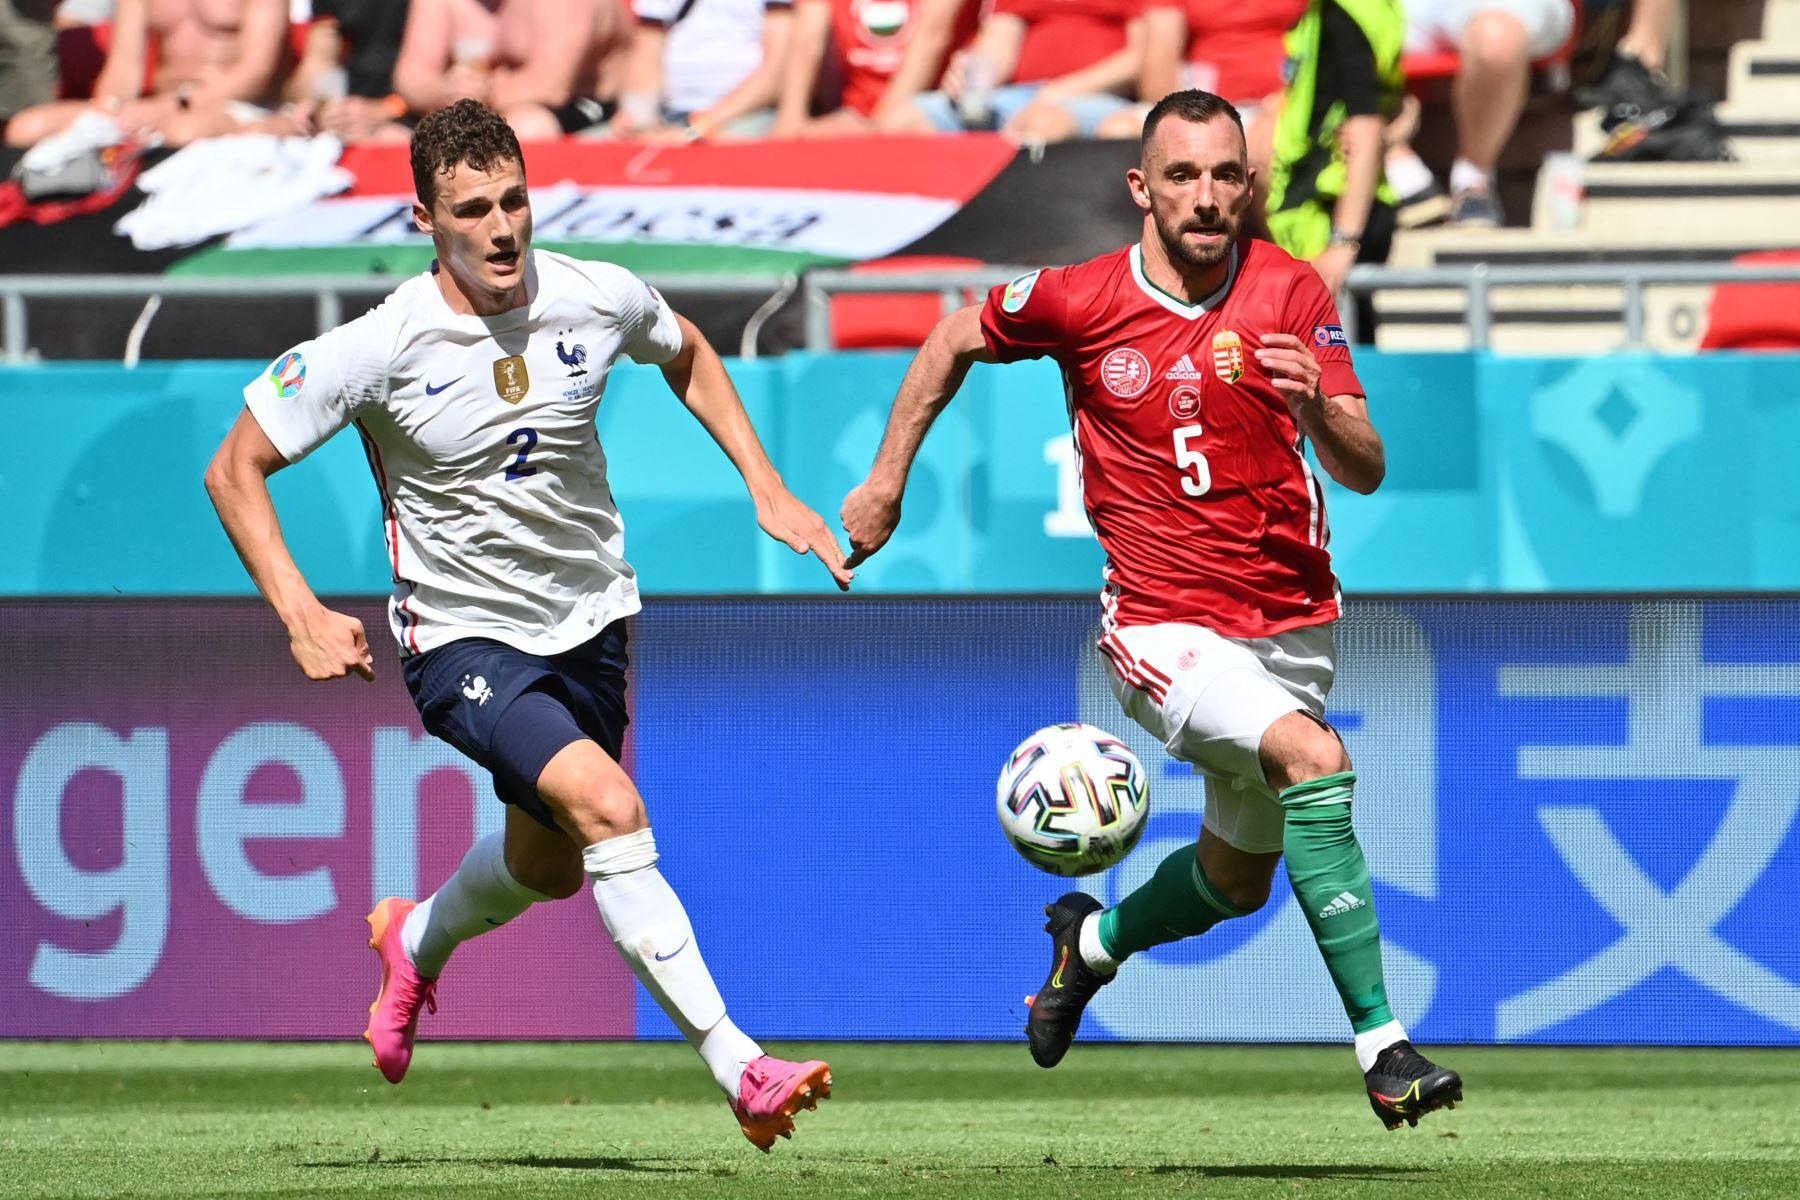 El defensor de Hungría Attila Fiola (R) supera al defensor de Francia Benjamin Pavard para marcar el gol de apertura durante el partido de fútbol del Grupo F de la UEFA EURO 2020 entre Hungría y Francia en el Puskas Arena de Budapest. Foto: AFP